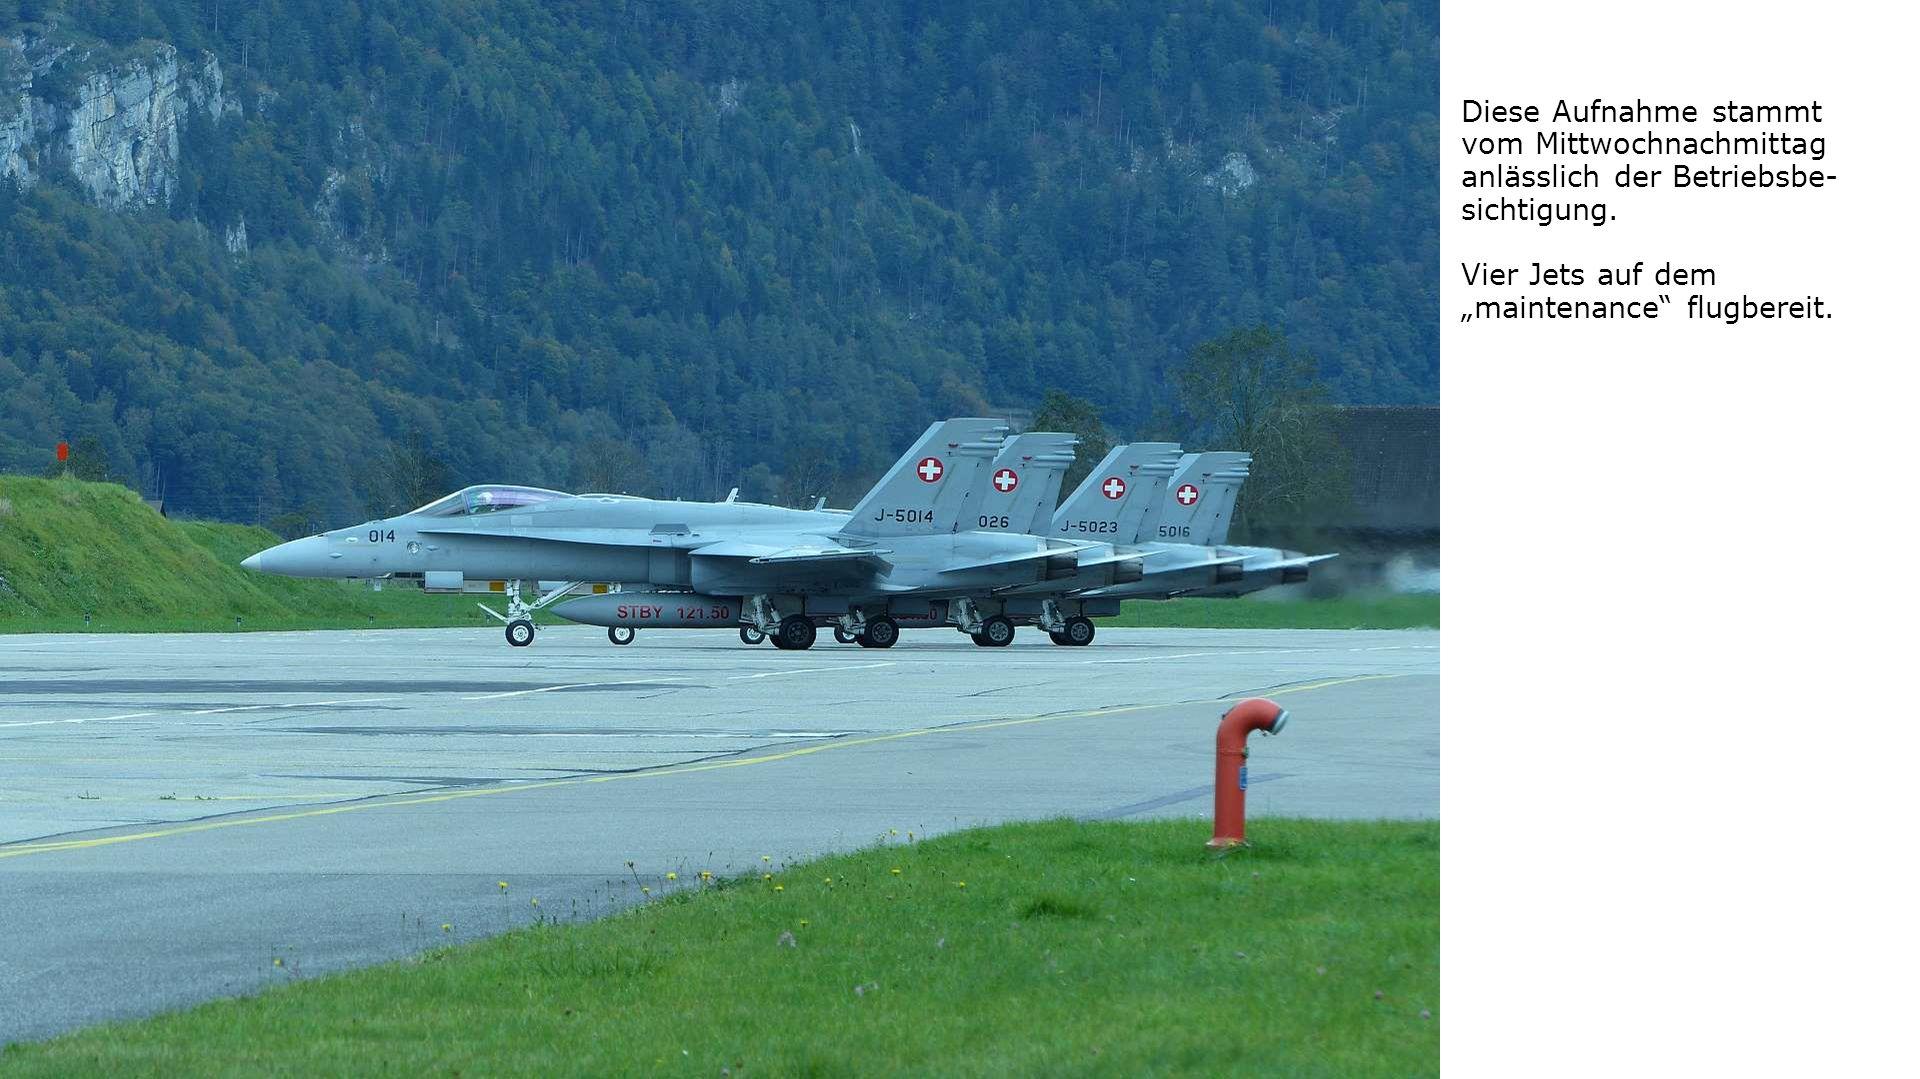 """Diese Aufnahme stammt vom Mittwochnachmittag anlässlich der Betriebsbe- sichtigung. Vier Jets auf dem """"maintenance"""" flugbereit."""